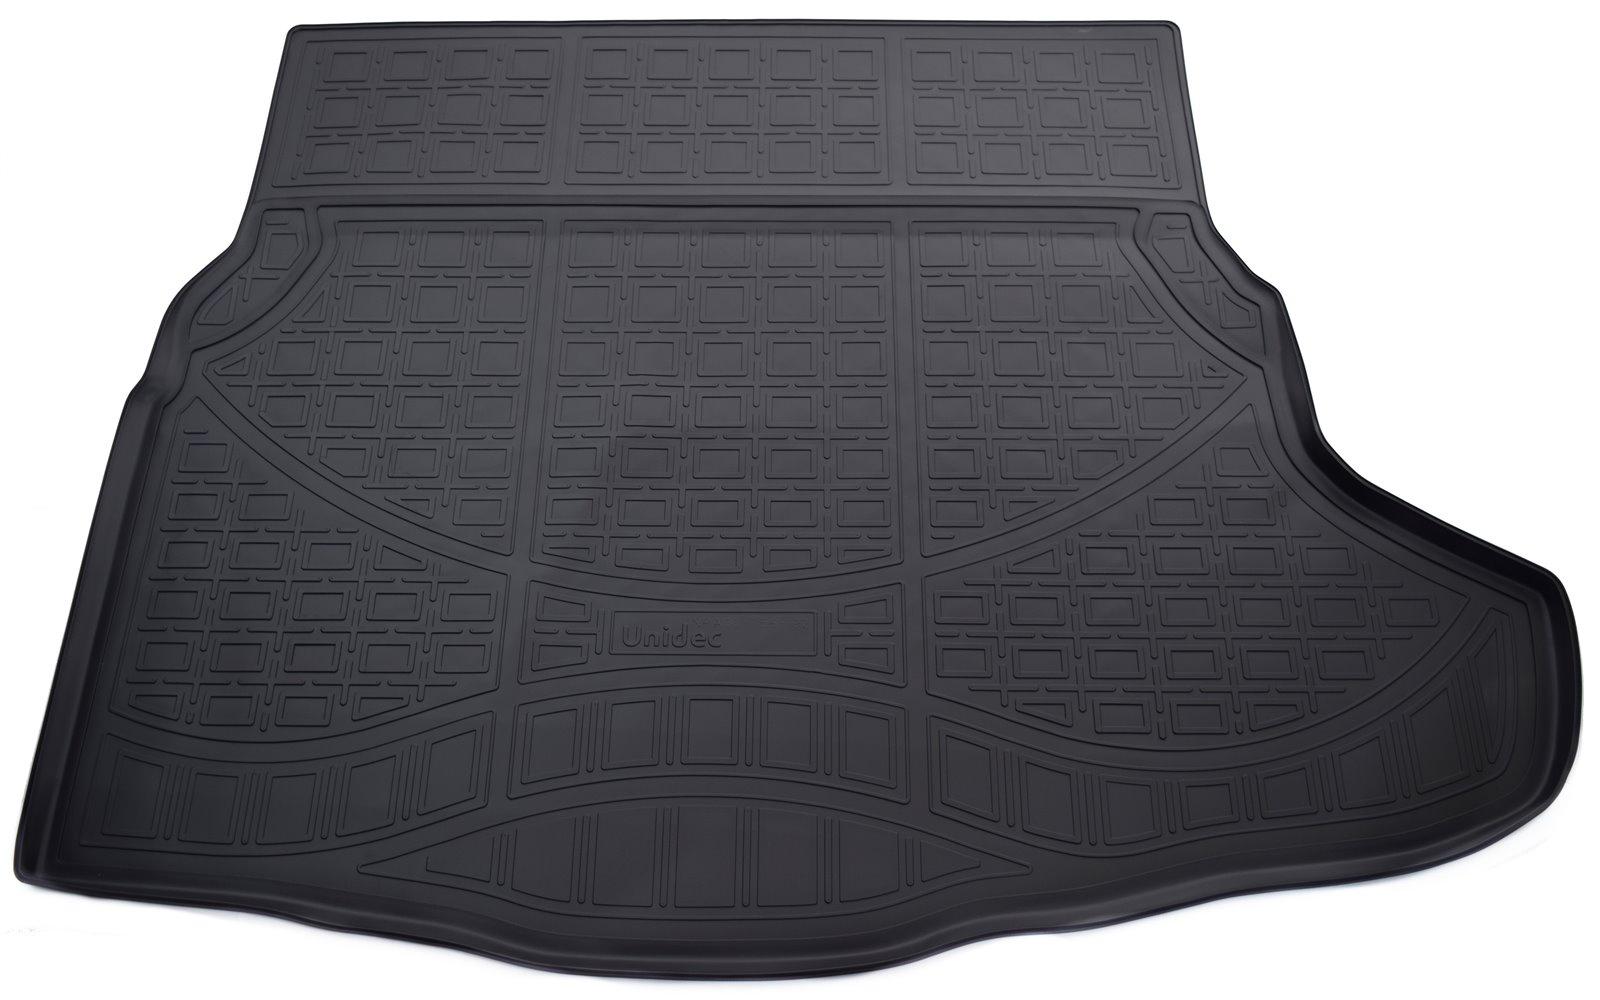 Коврик для багажника Norplast для Mercedes-Benz C, W205, SD, 2014, NPA00-T56-192, черныйNPA00-T56-192Точное прилегание Без неприятного запаха Высокие бортики Не скользятПодходит на:Mercedes-Benz C-Class W205 2014--Полиуретановые автомобильные коврики фирмы «Норпласт» надежно защищают обшивку салона и багажника от влаги и загрязнений. Это высококачественное изделие, которое гарантированно прослужит длительный срок. Каждый комплект ковриков производится индивидуально для определённой модели автомобиля. На этапе разработки изделий применяется технология 3D сканирования салона, благодаря чему, каждый коврик имеет оригинальную форму, которая точно повторяет контур пола или багажного отделения автомобиля.